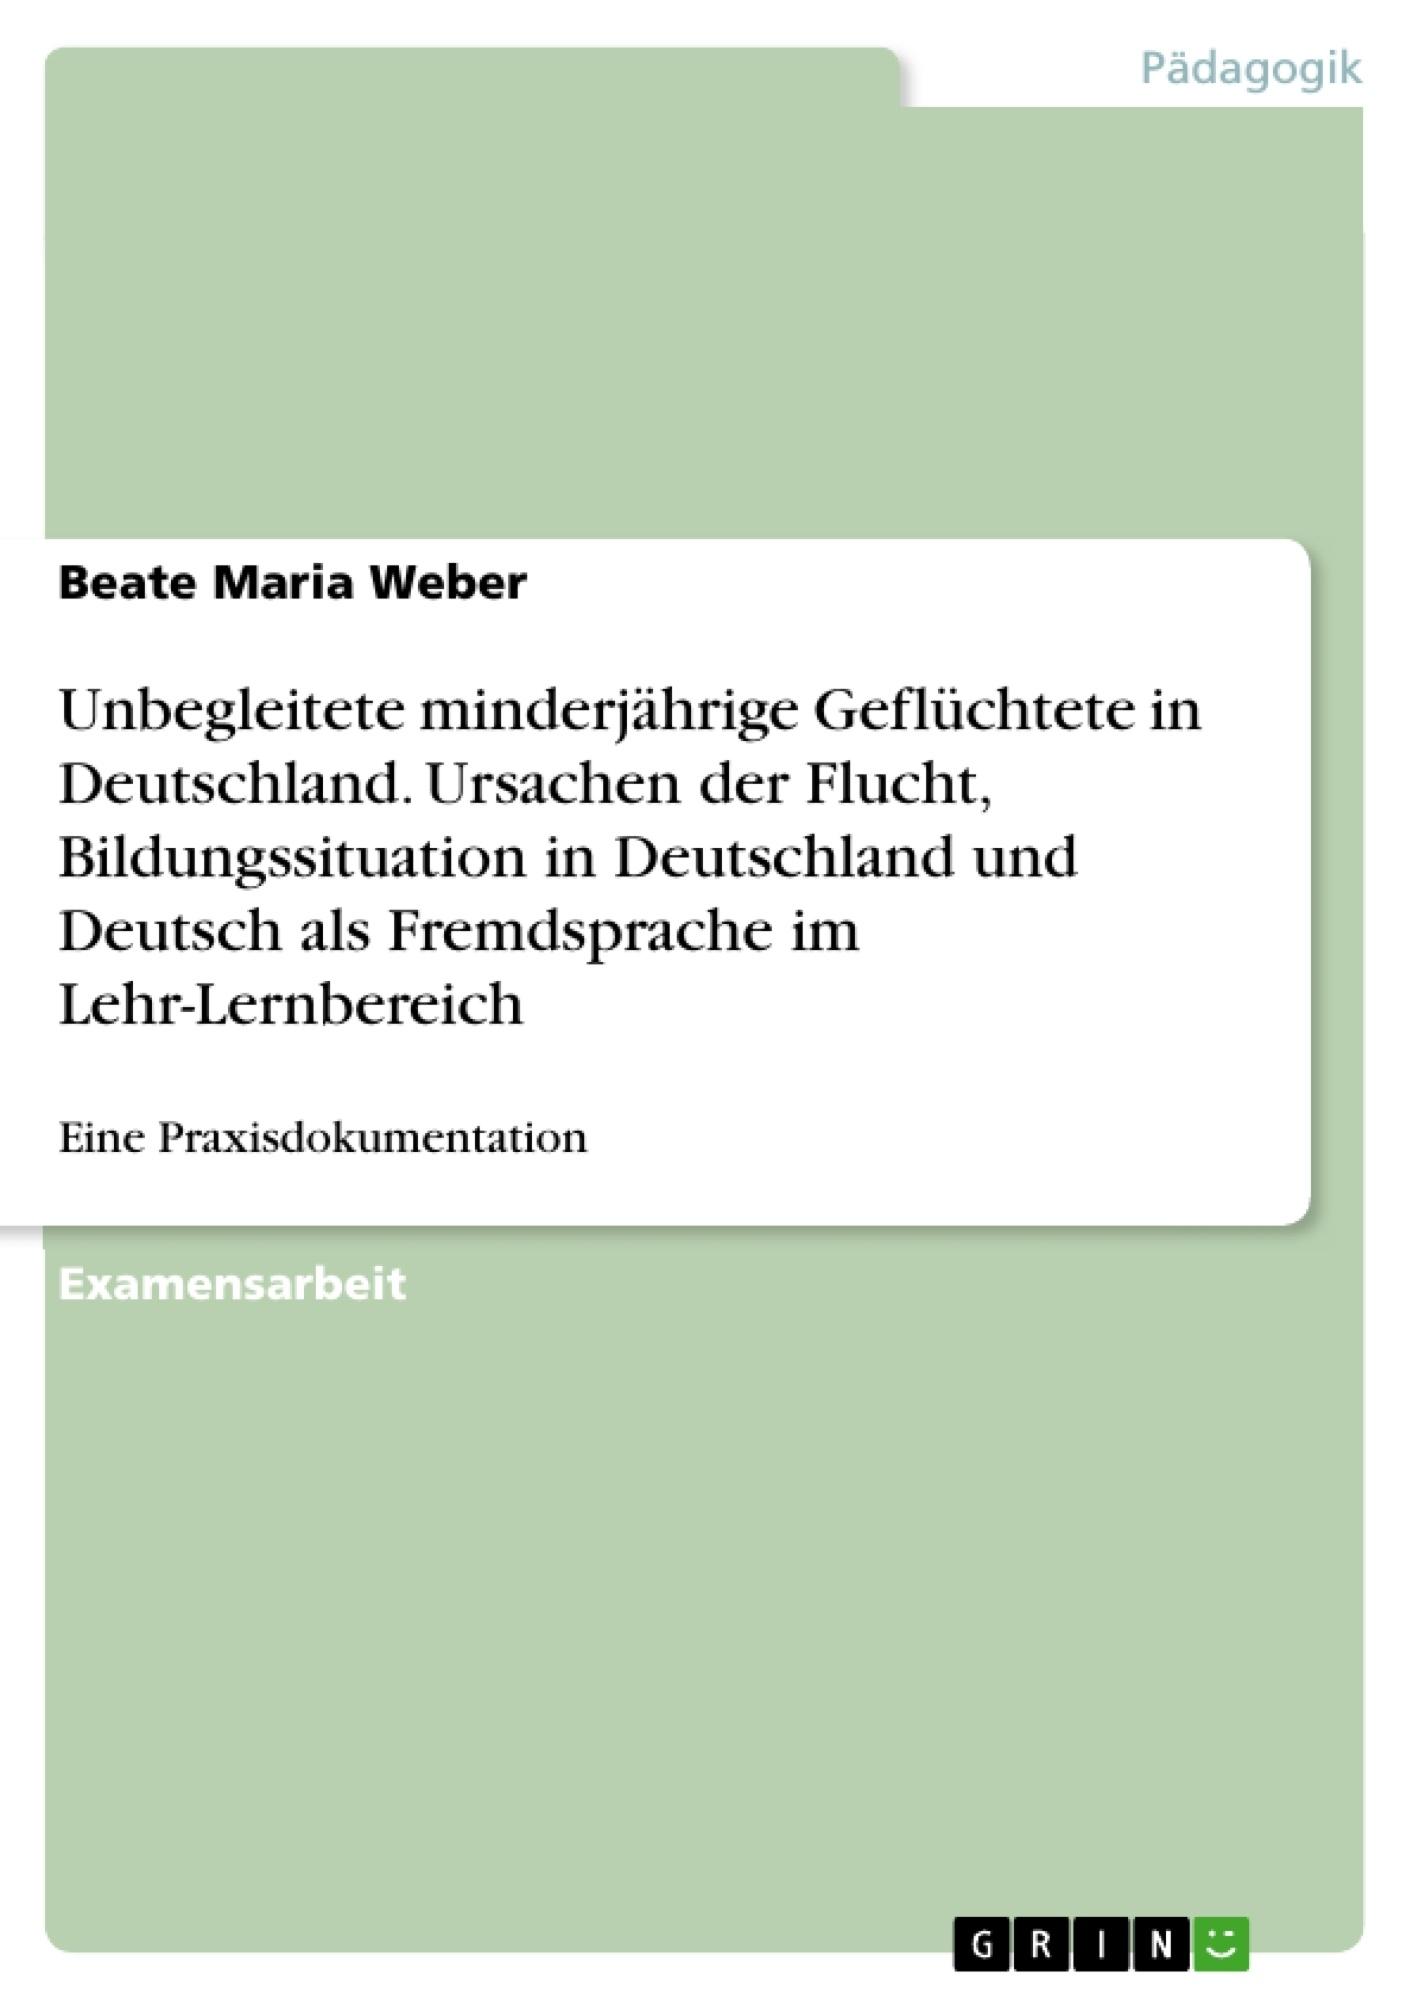 Titel: Unbegleitete minderjährige Geflüchtete in Deutschland. Ursachen der Flucht, Bildungssituation in Deutschland und Deutsch als Fremdsprache im Lehr-Lernbereich